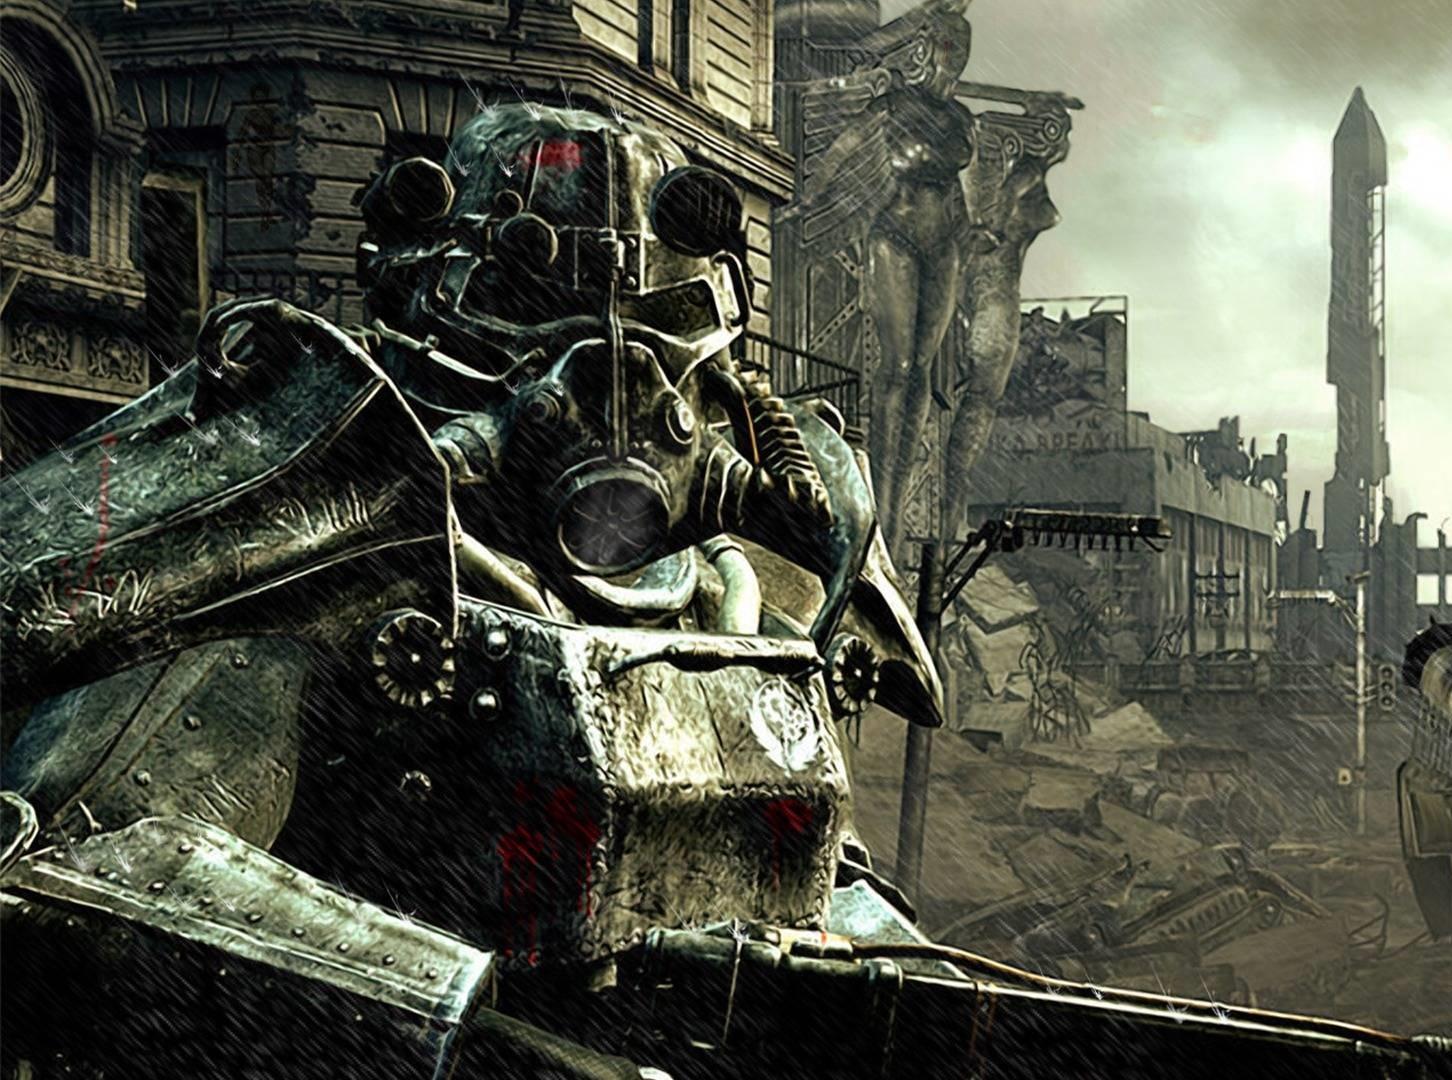 ООН напомнила о возможных последствиях военных конфликтов скриншотом из Fallout 3